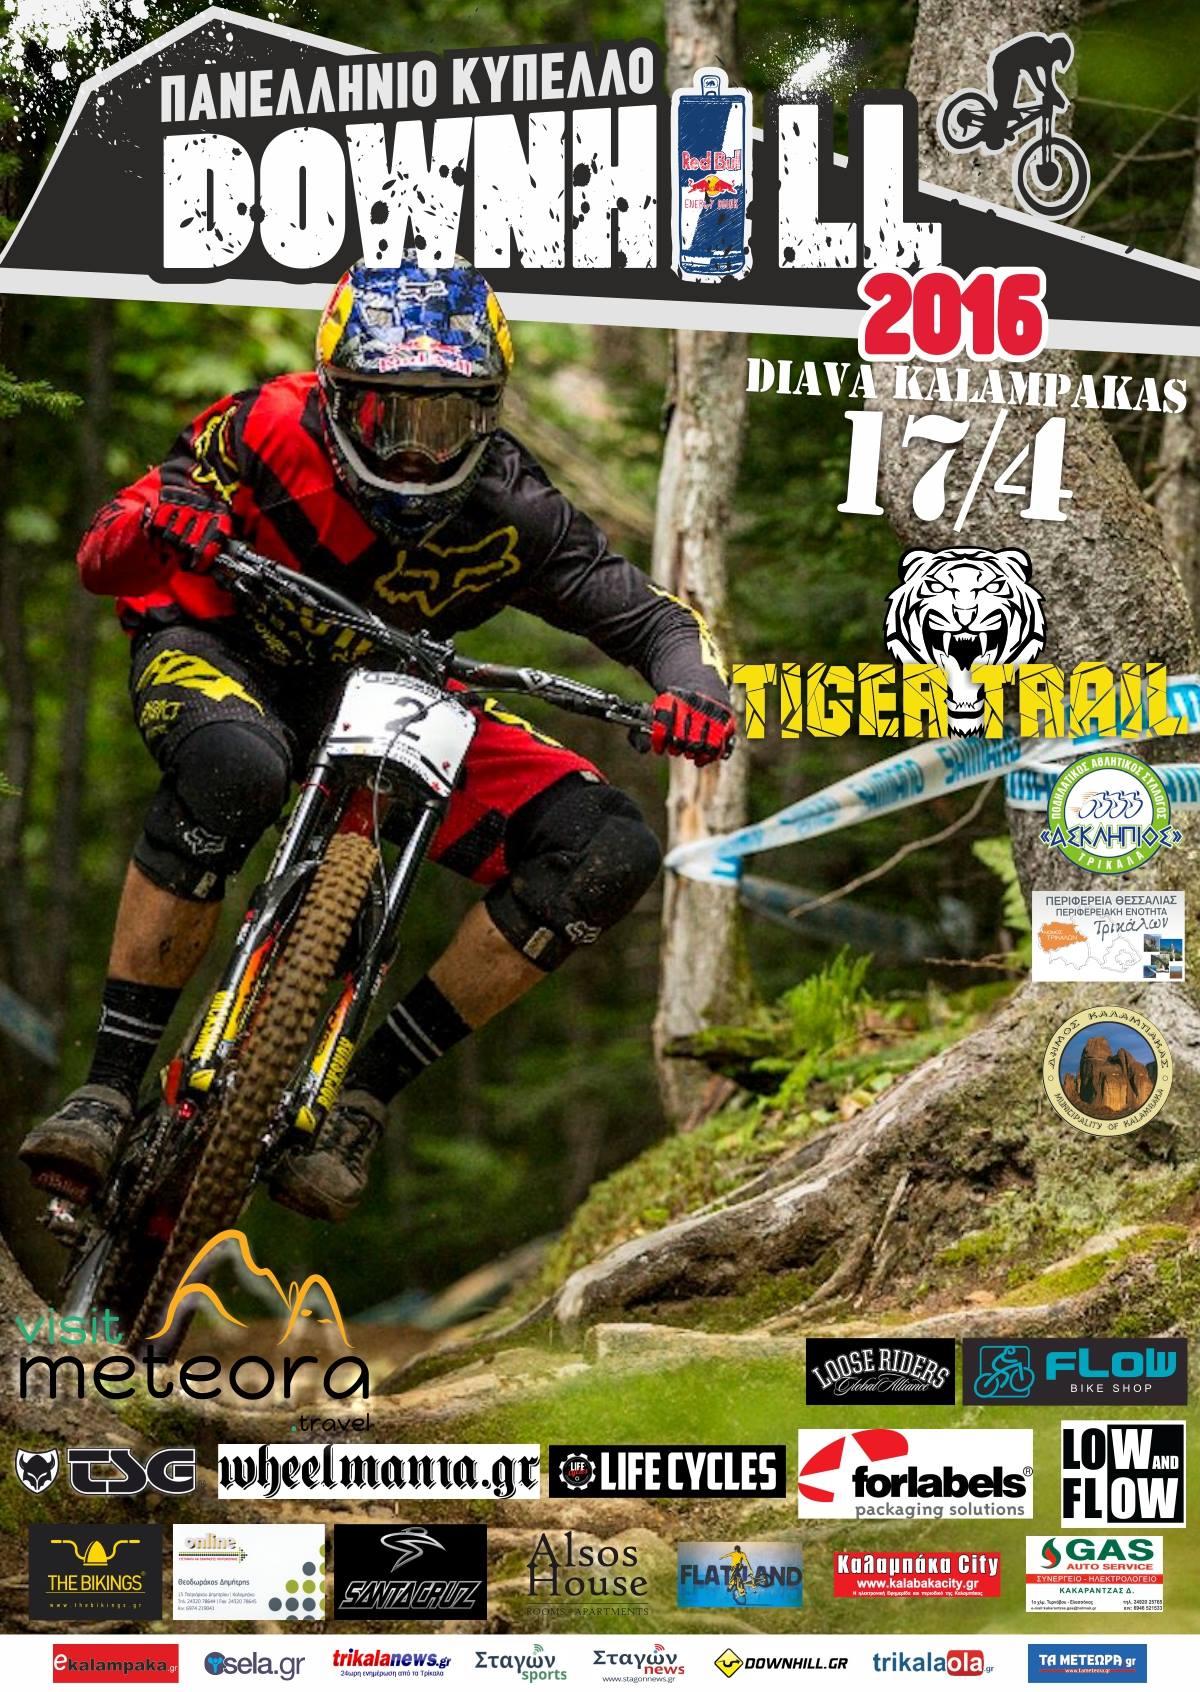 tiger trail 2016 afisa